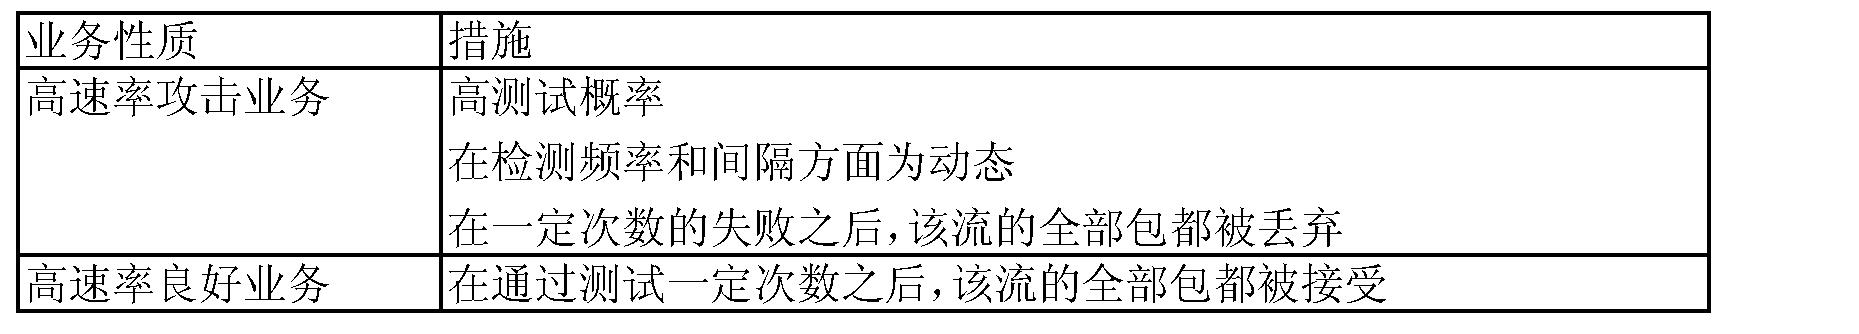 Figure CN101529386BD00121